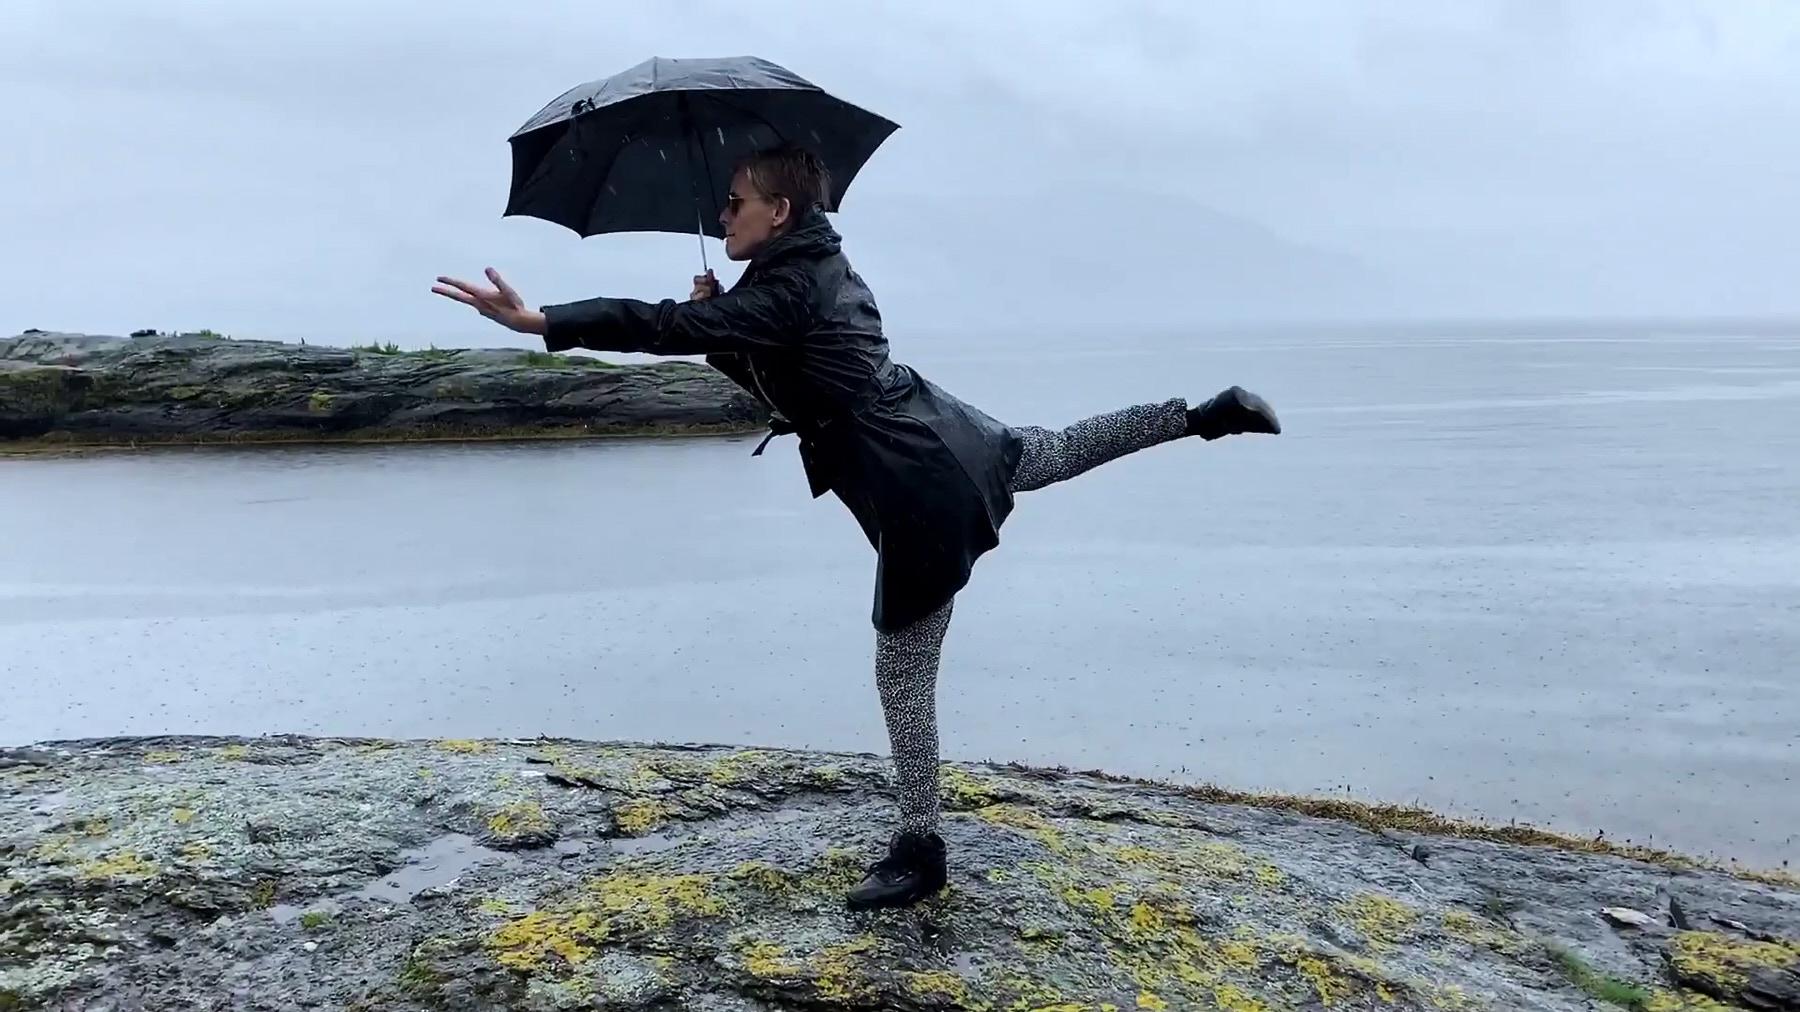 Frau in schwarzer Kleidung und mit Regenschirm tanzt am Meer